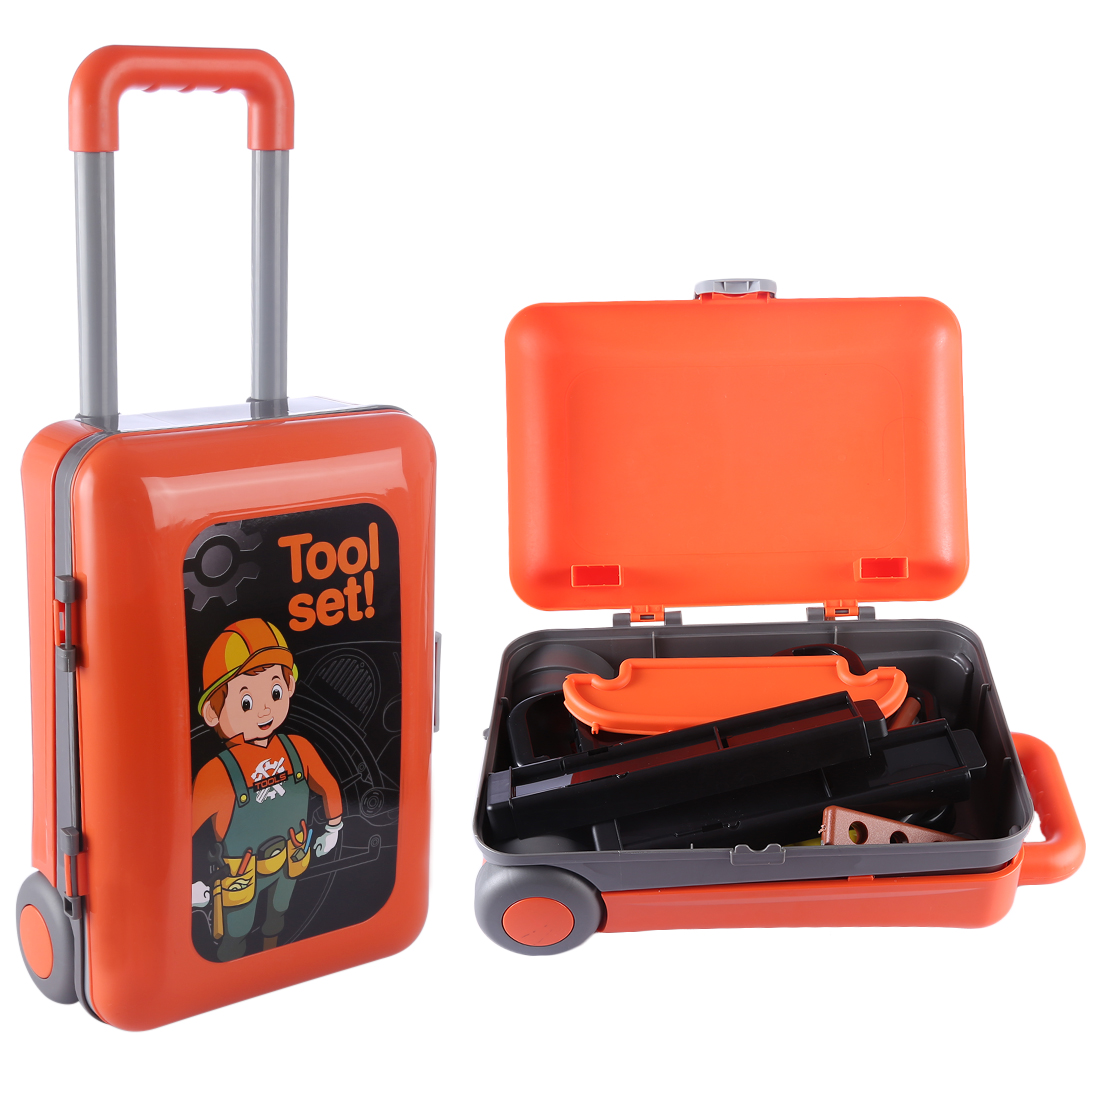 Surwish enfants réparation outil jouets ensemble ABS atelier Playset enfants Parents interactif éducatif cadeau jouet-Orange